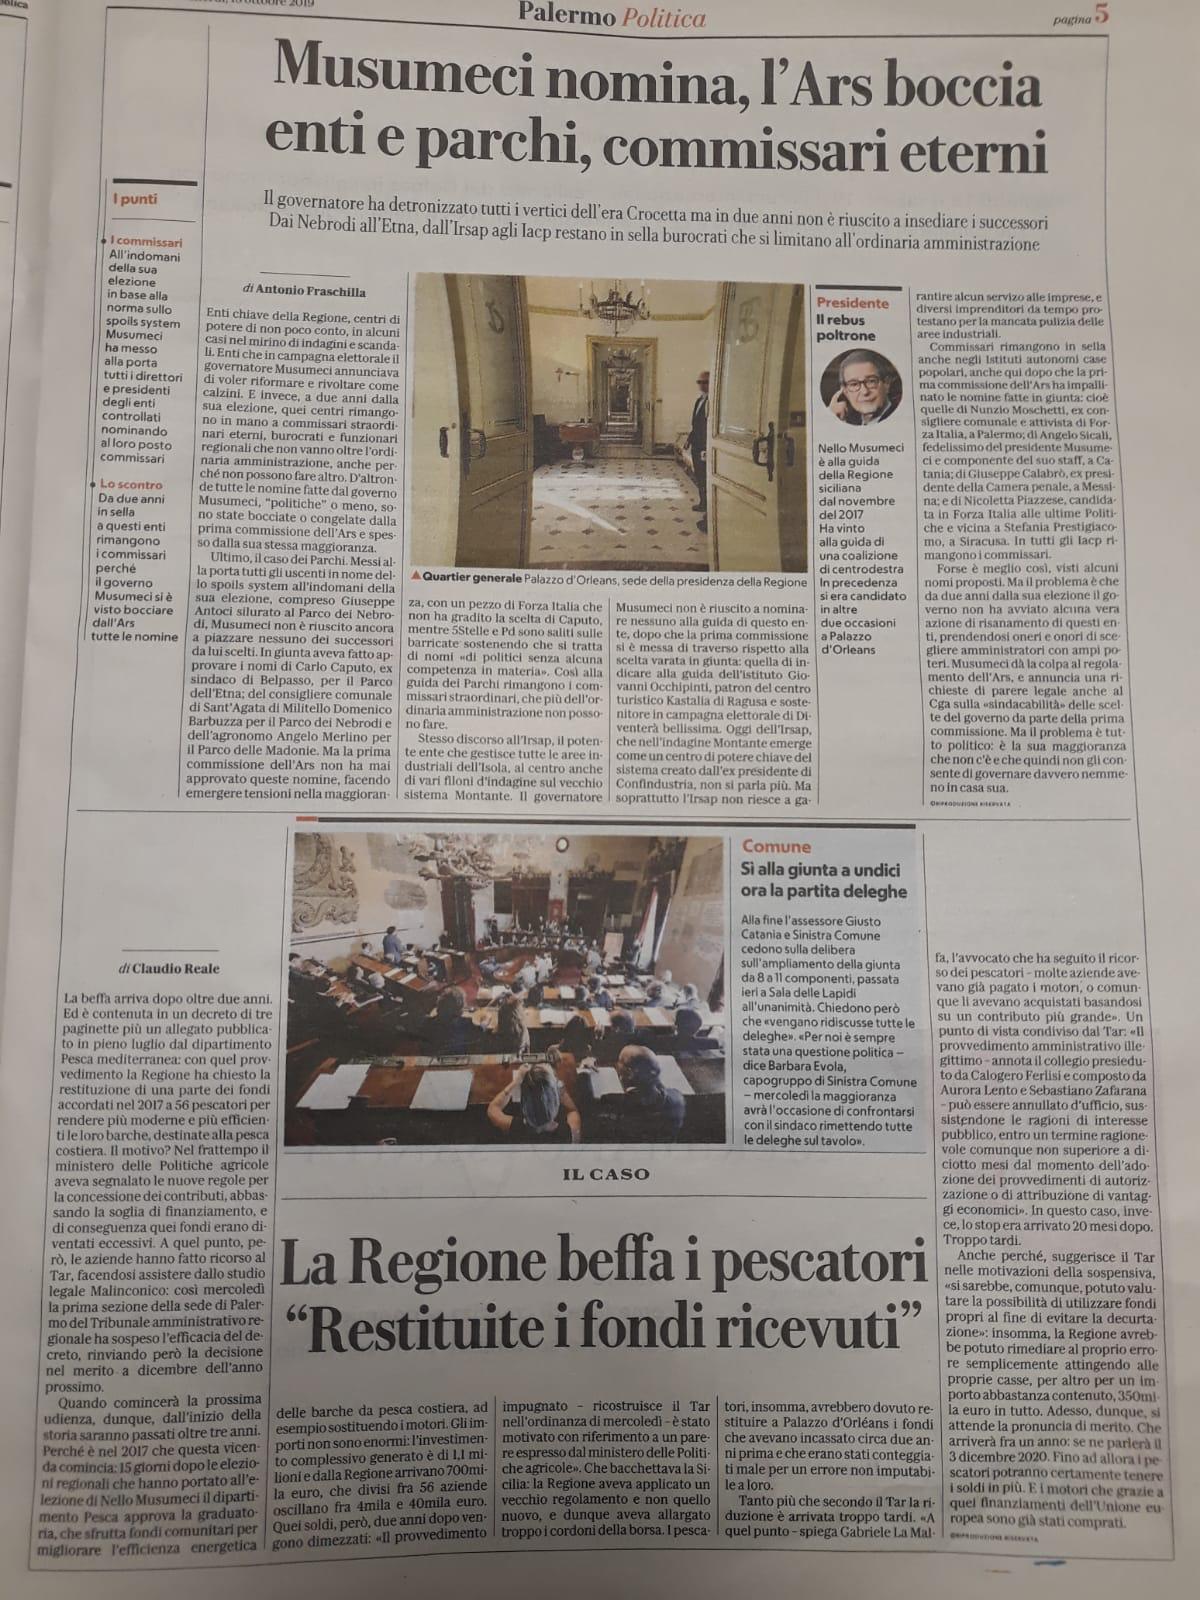 La Repubblica Ed. Palermo 18.10.2019